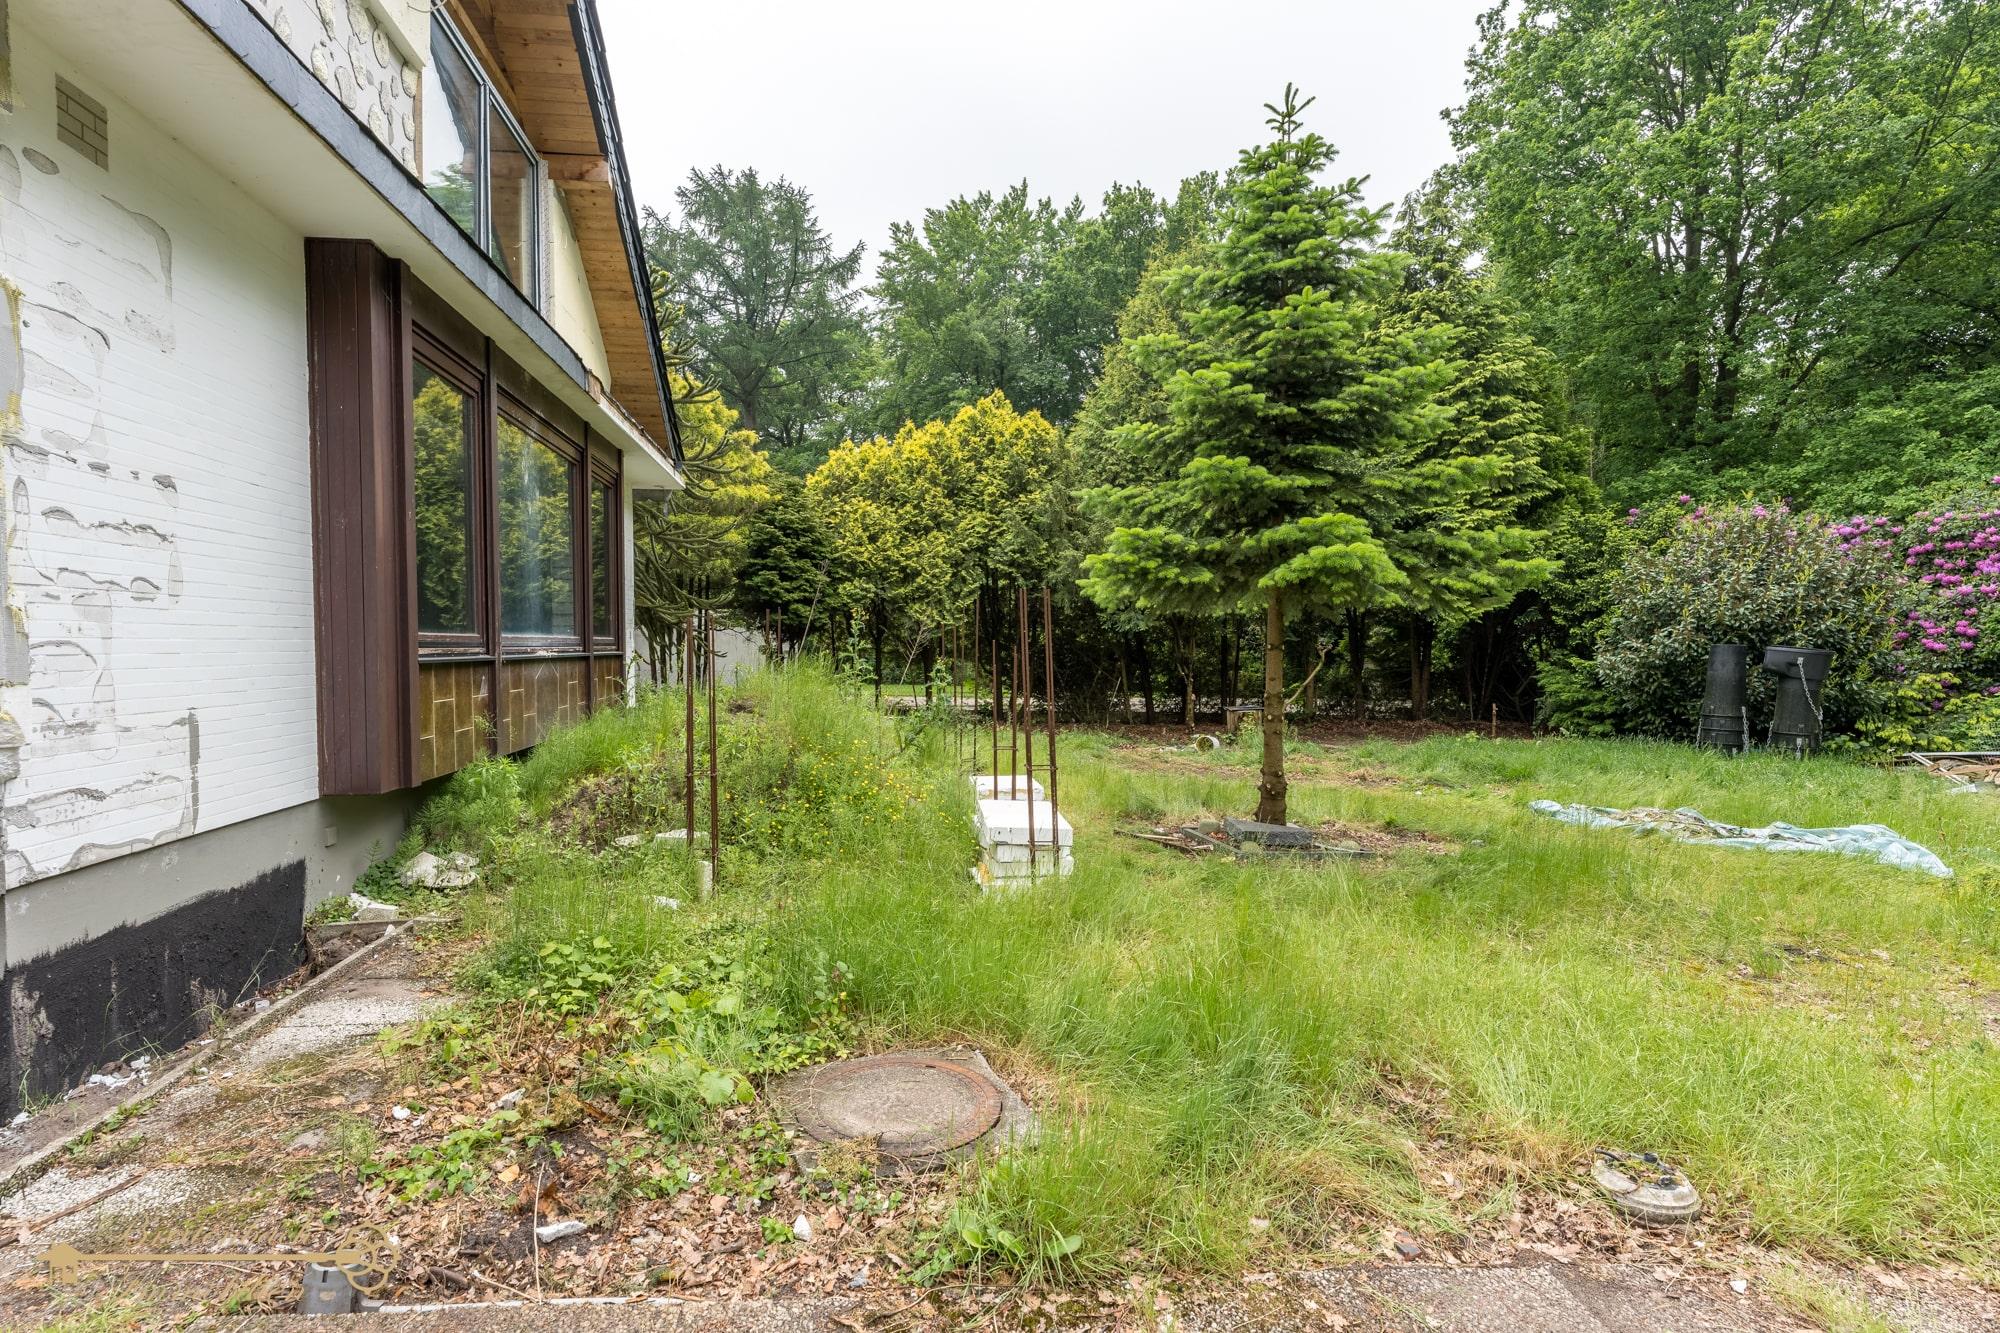 2021-06-06-Breitenbach-Immobilien-Makler-Bremen-25-min